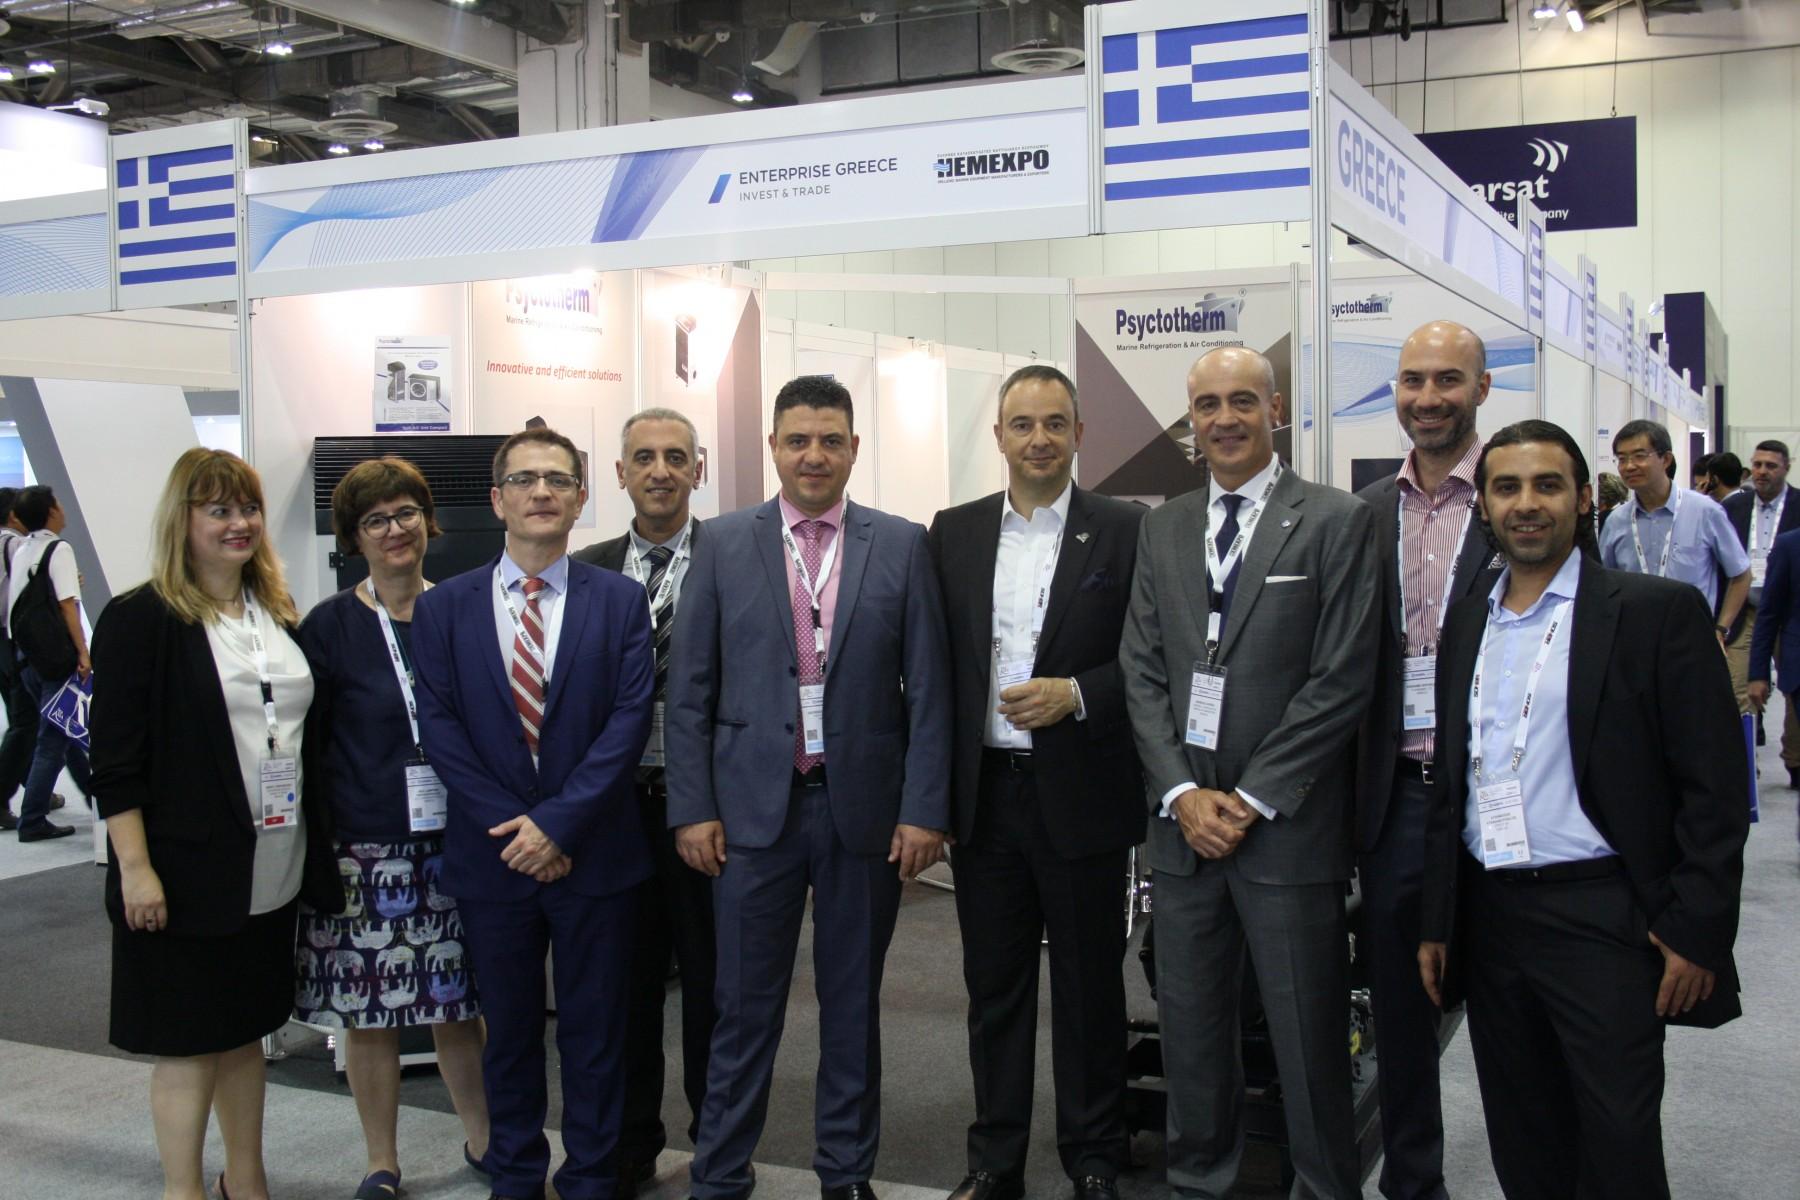 Ο Γενικός Πρόξενος της Ελλάδας στη Σιγκαπούρη, Ανδρέας Γκόγκος με μέλη της ελληνικής αποστολής